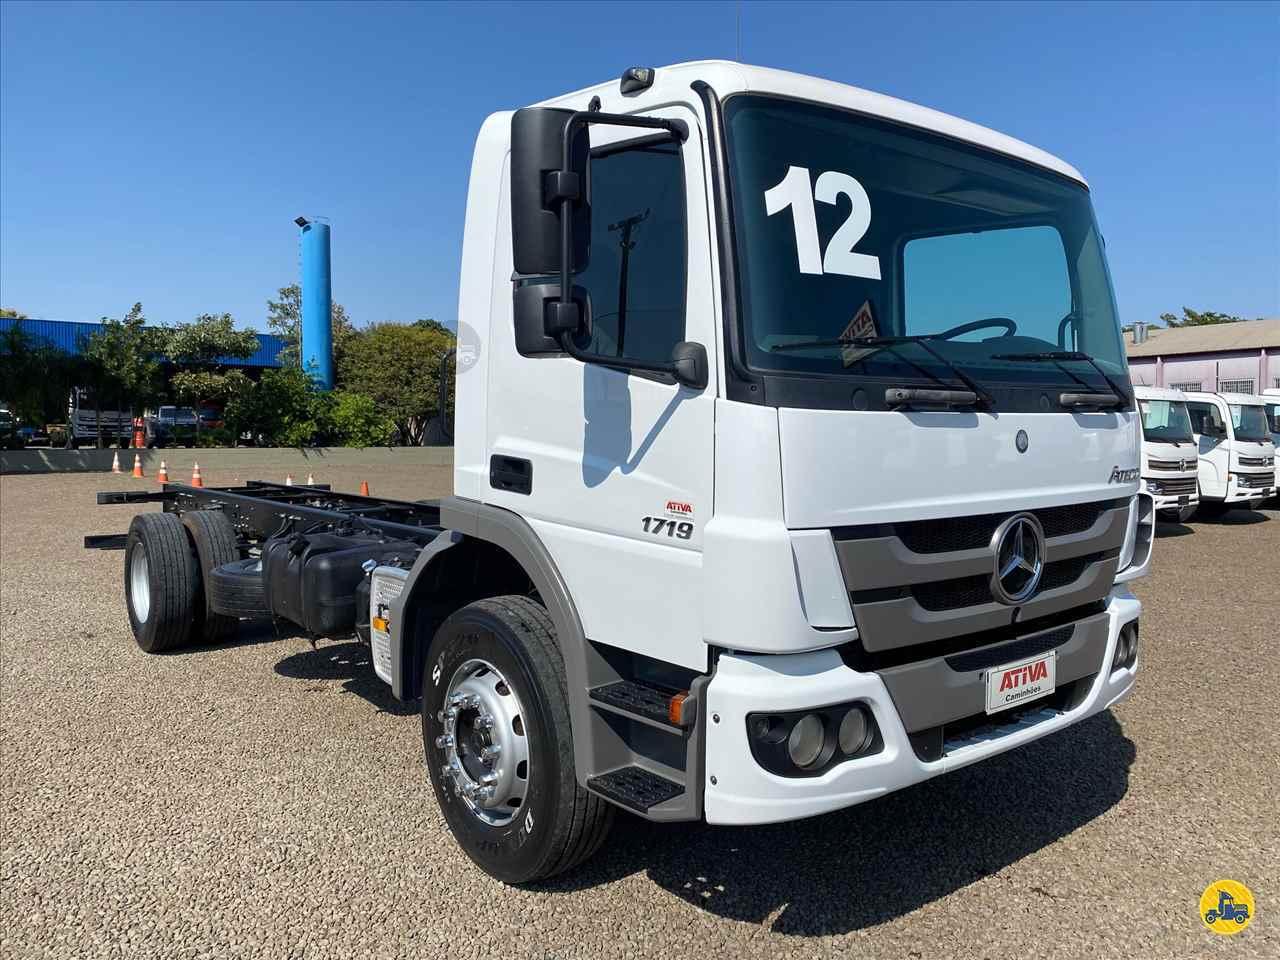 CAMINHAO MERCEDES-BENZ MB 1719 Chassis Toco 4x2 Ativa Caminhões CATANDUVA SÃO PAULO SP